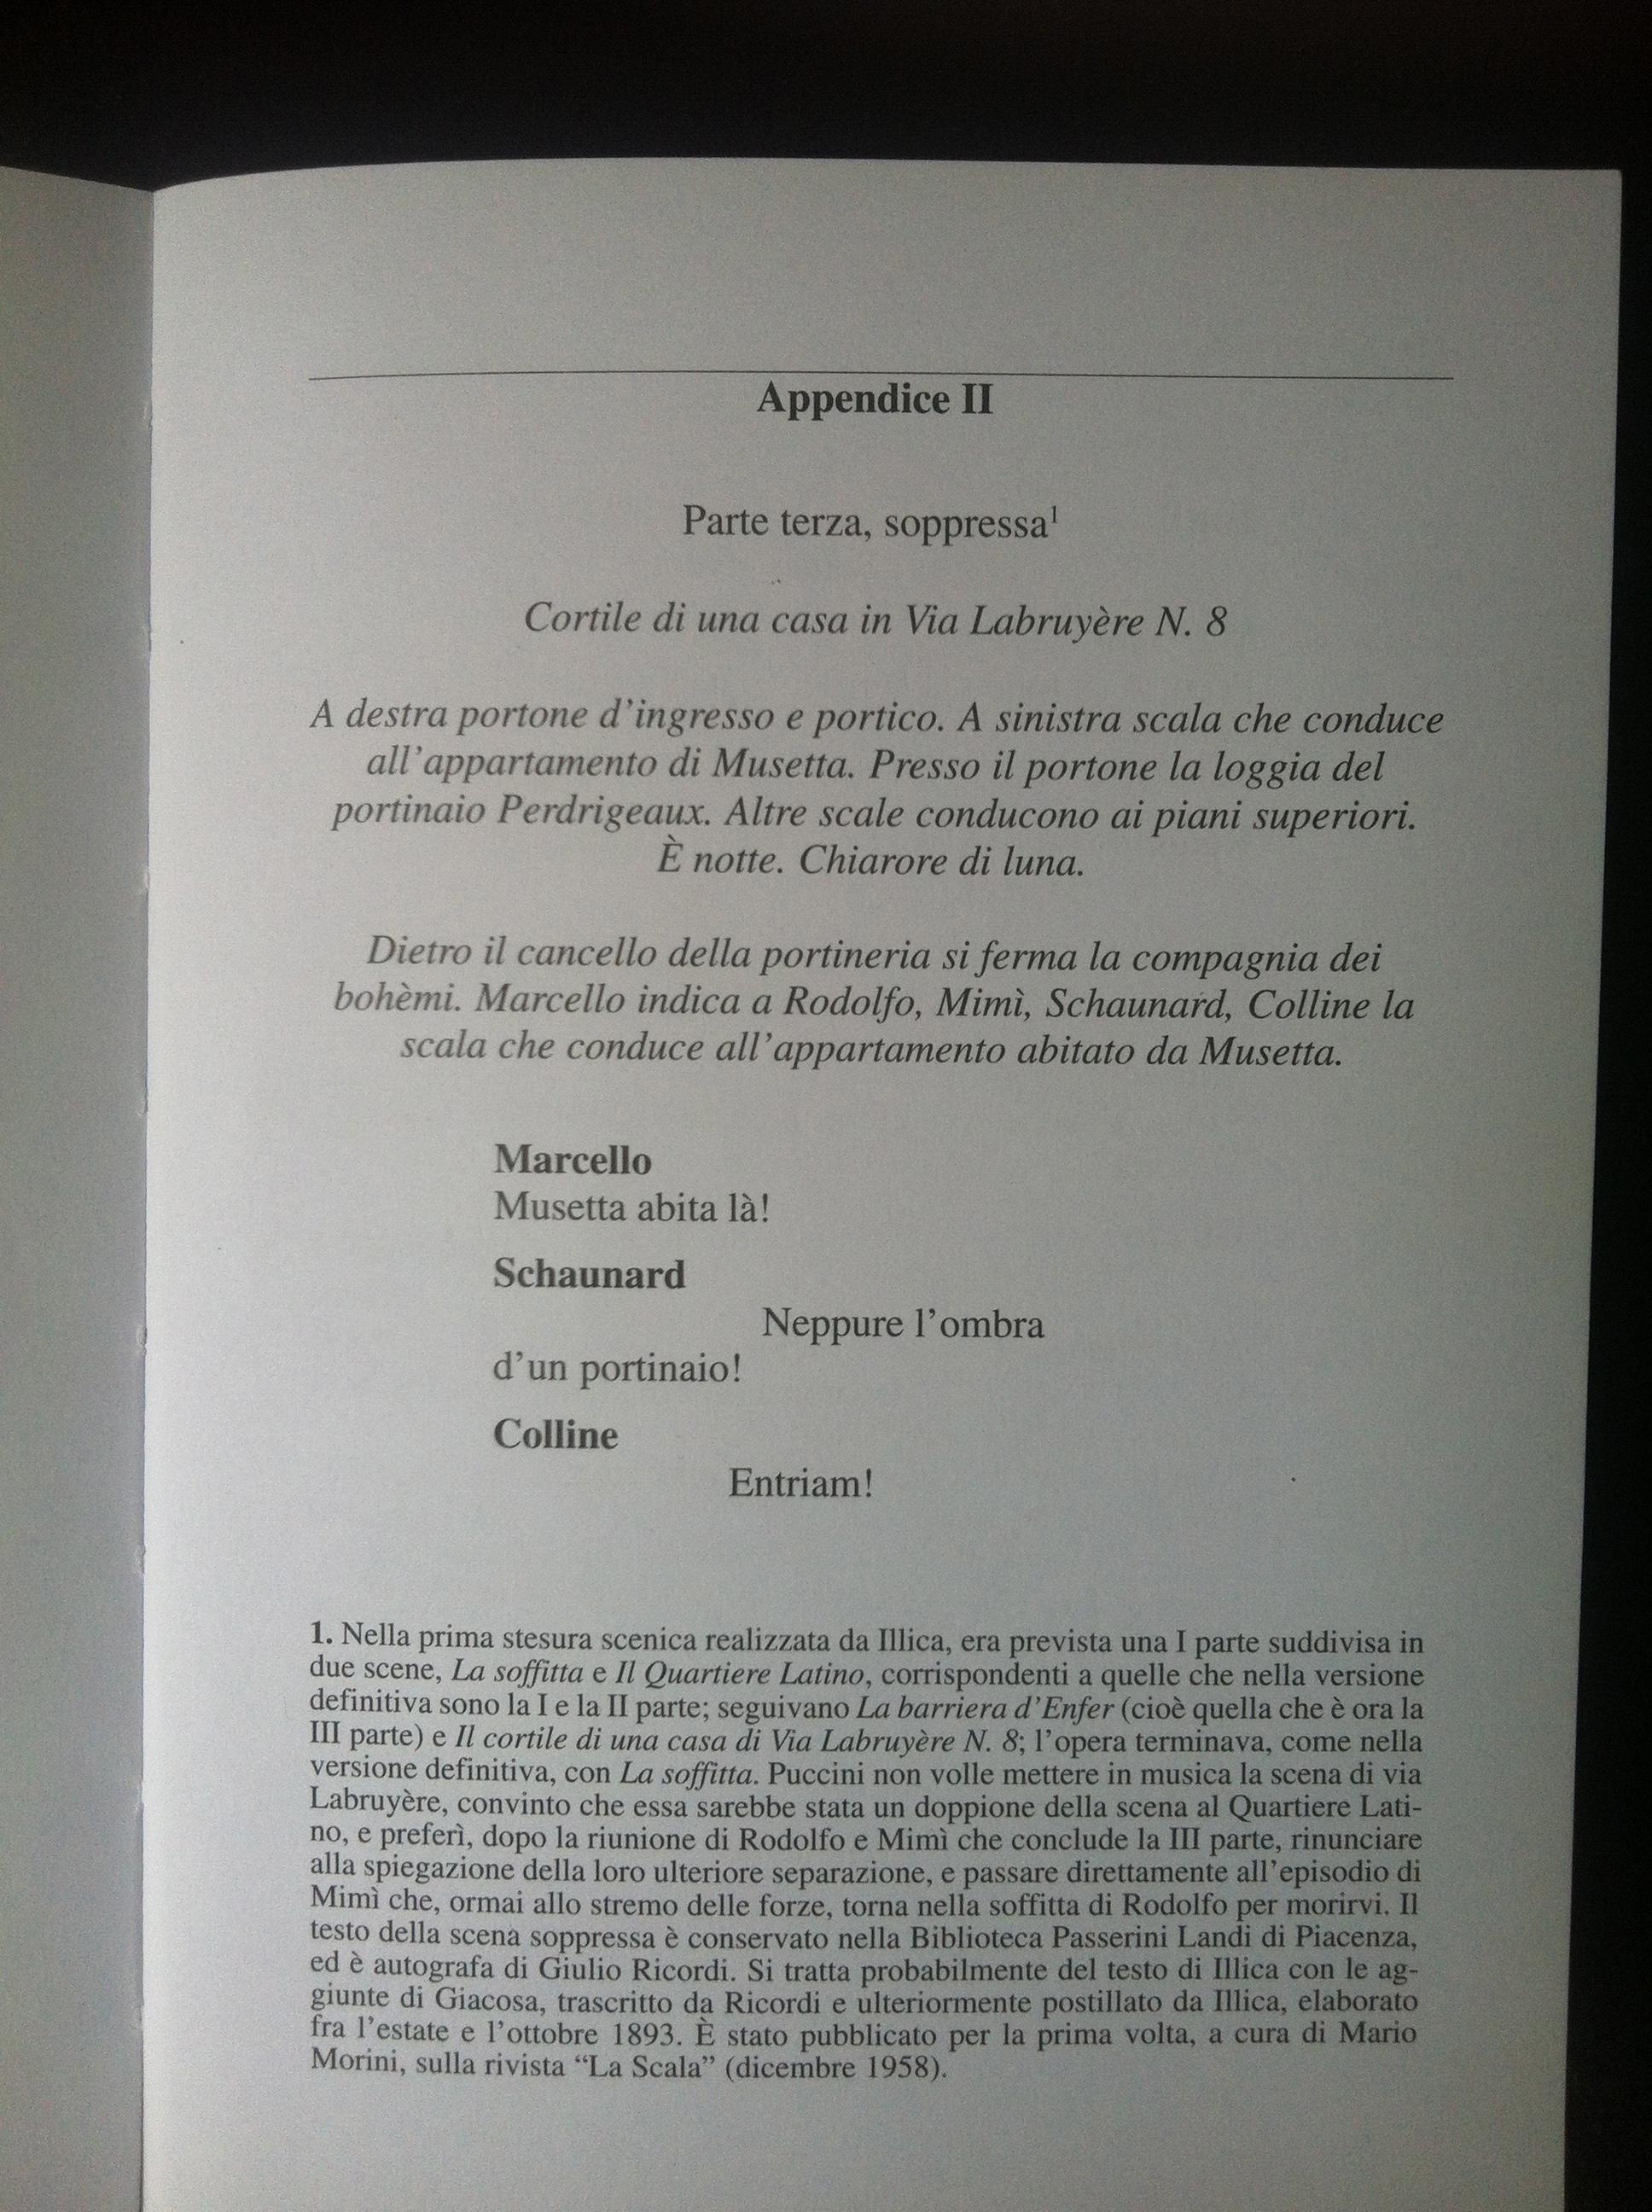 La bohème, libretto appendix, RIcordi, 2001